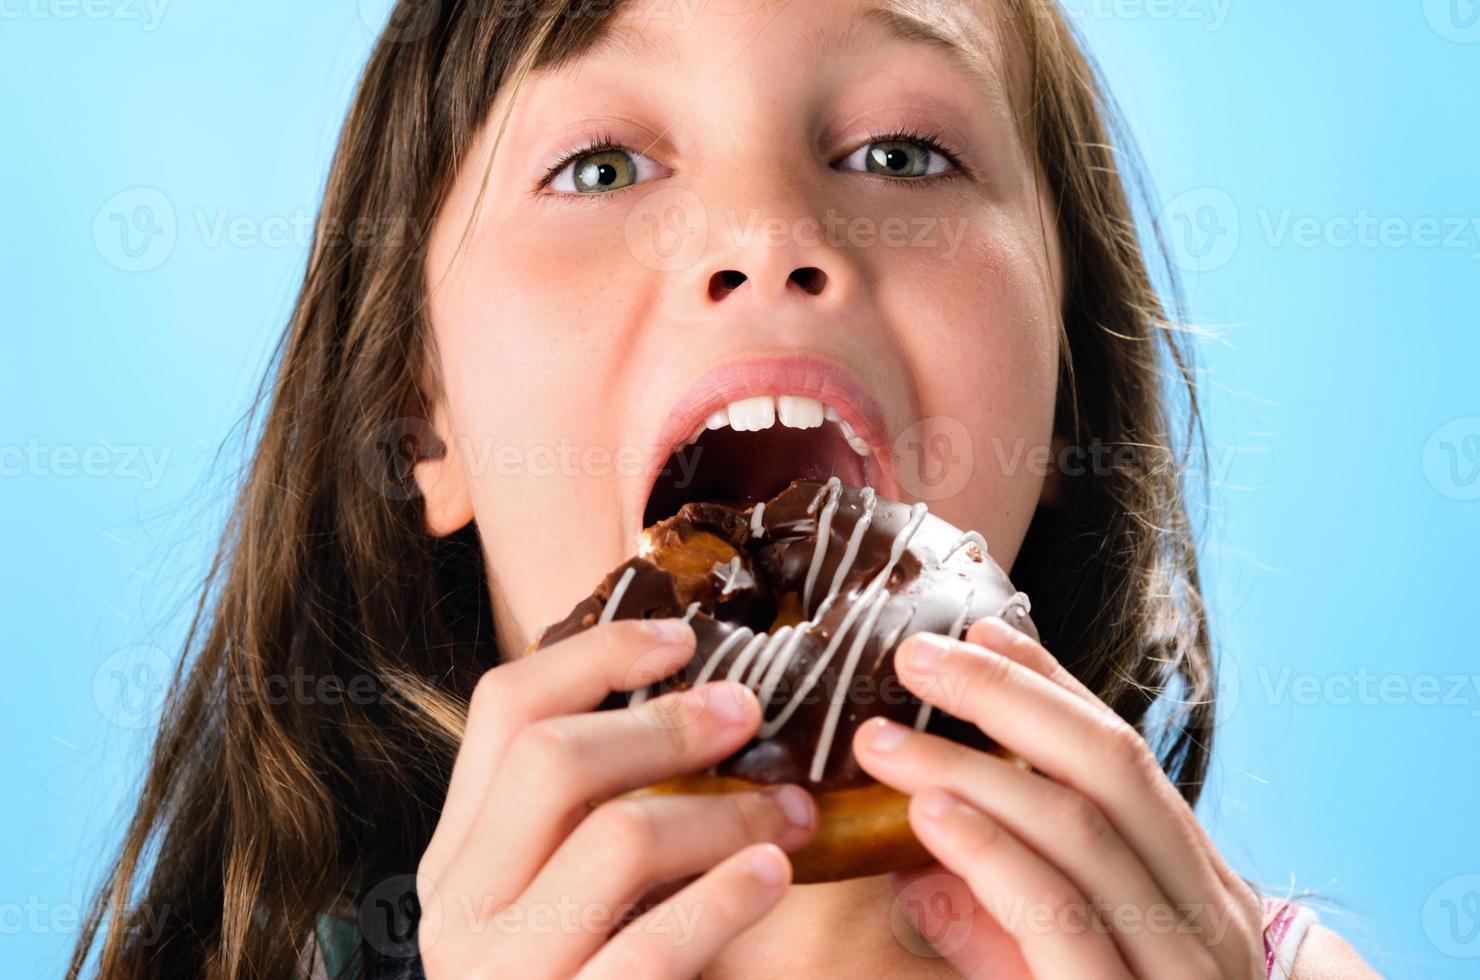 garoto bonito comendo rosquinha foto